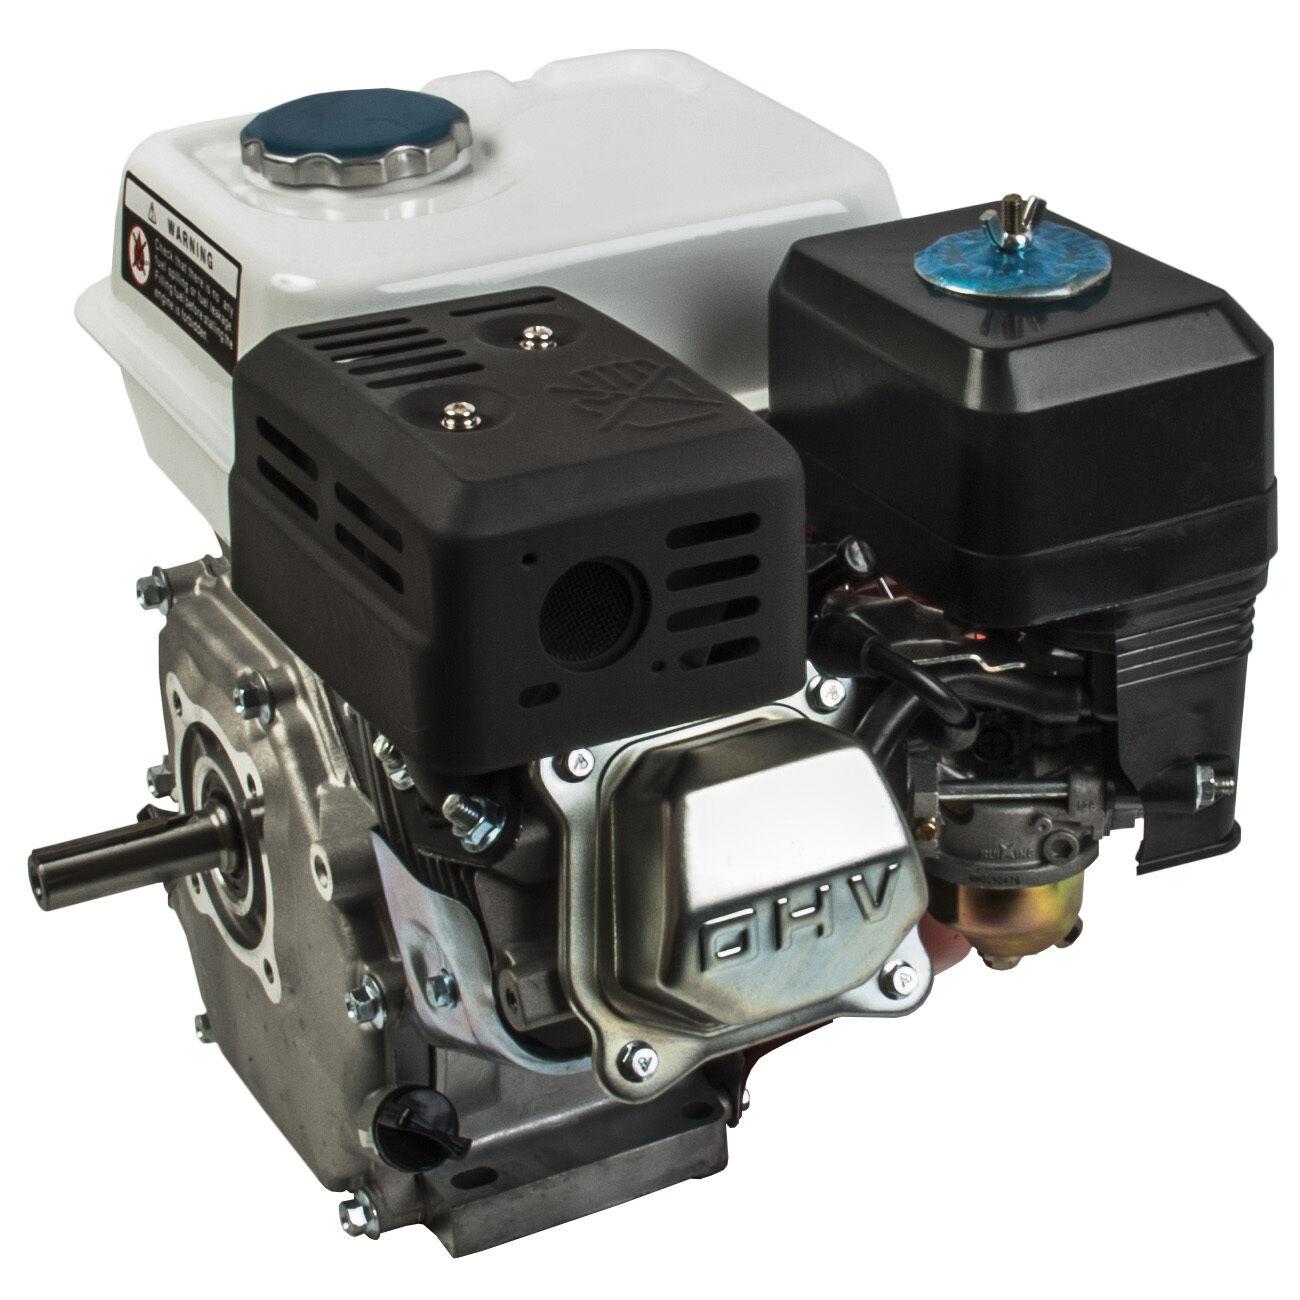 6 stroke petrol engine